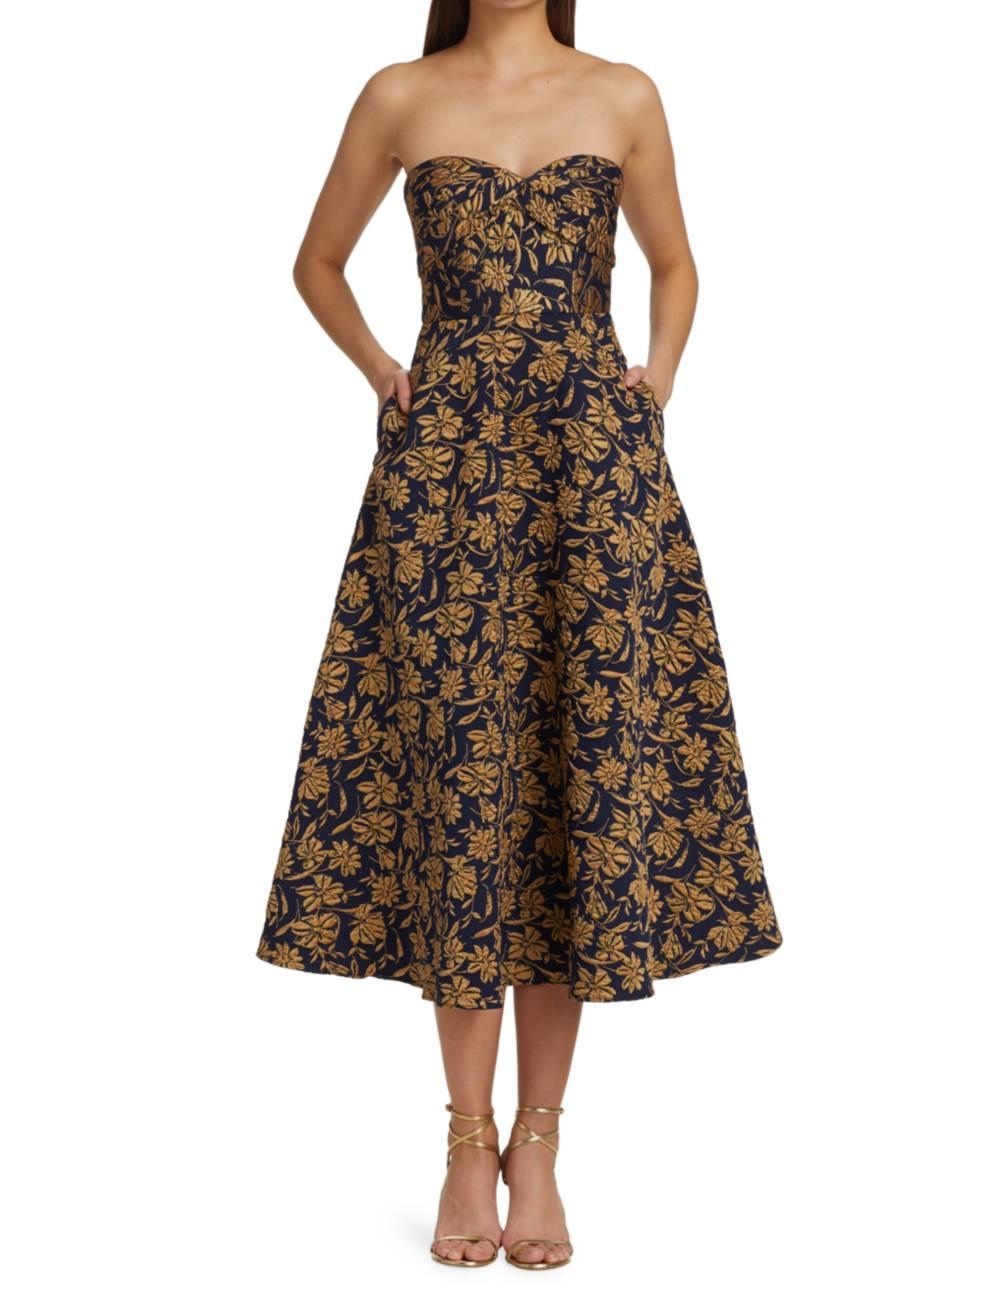 ML MONIQUE LHUILLIER Strapless Floral Jacquard Fit & Flare Midi Dress